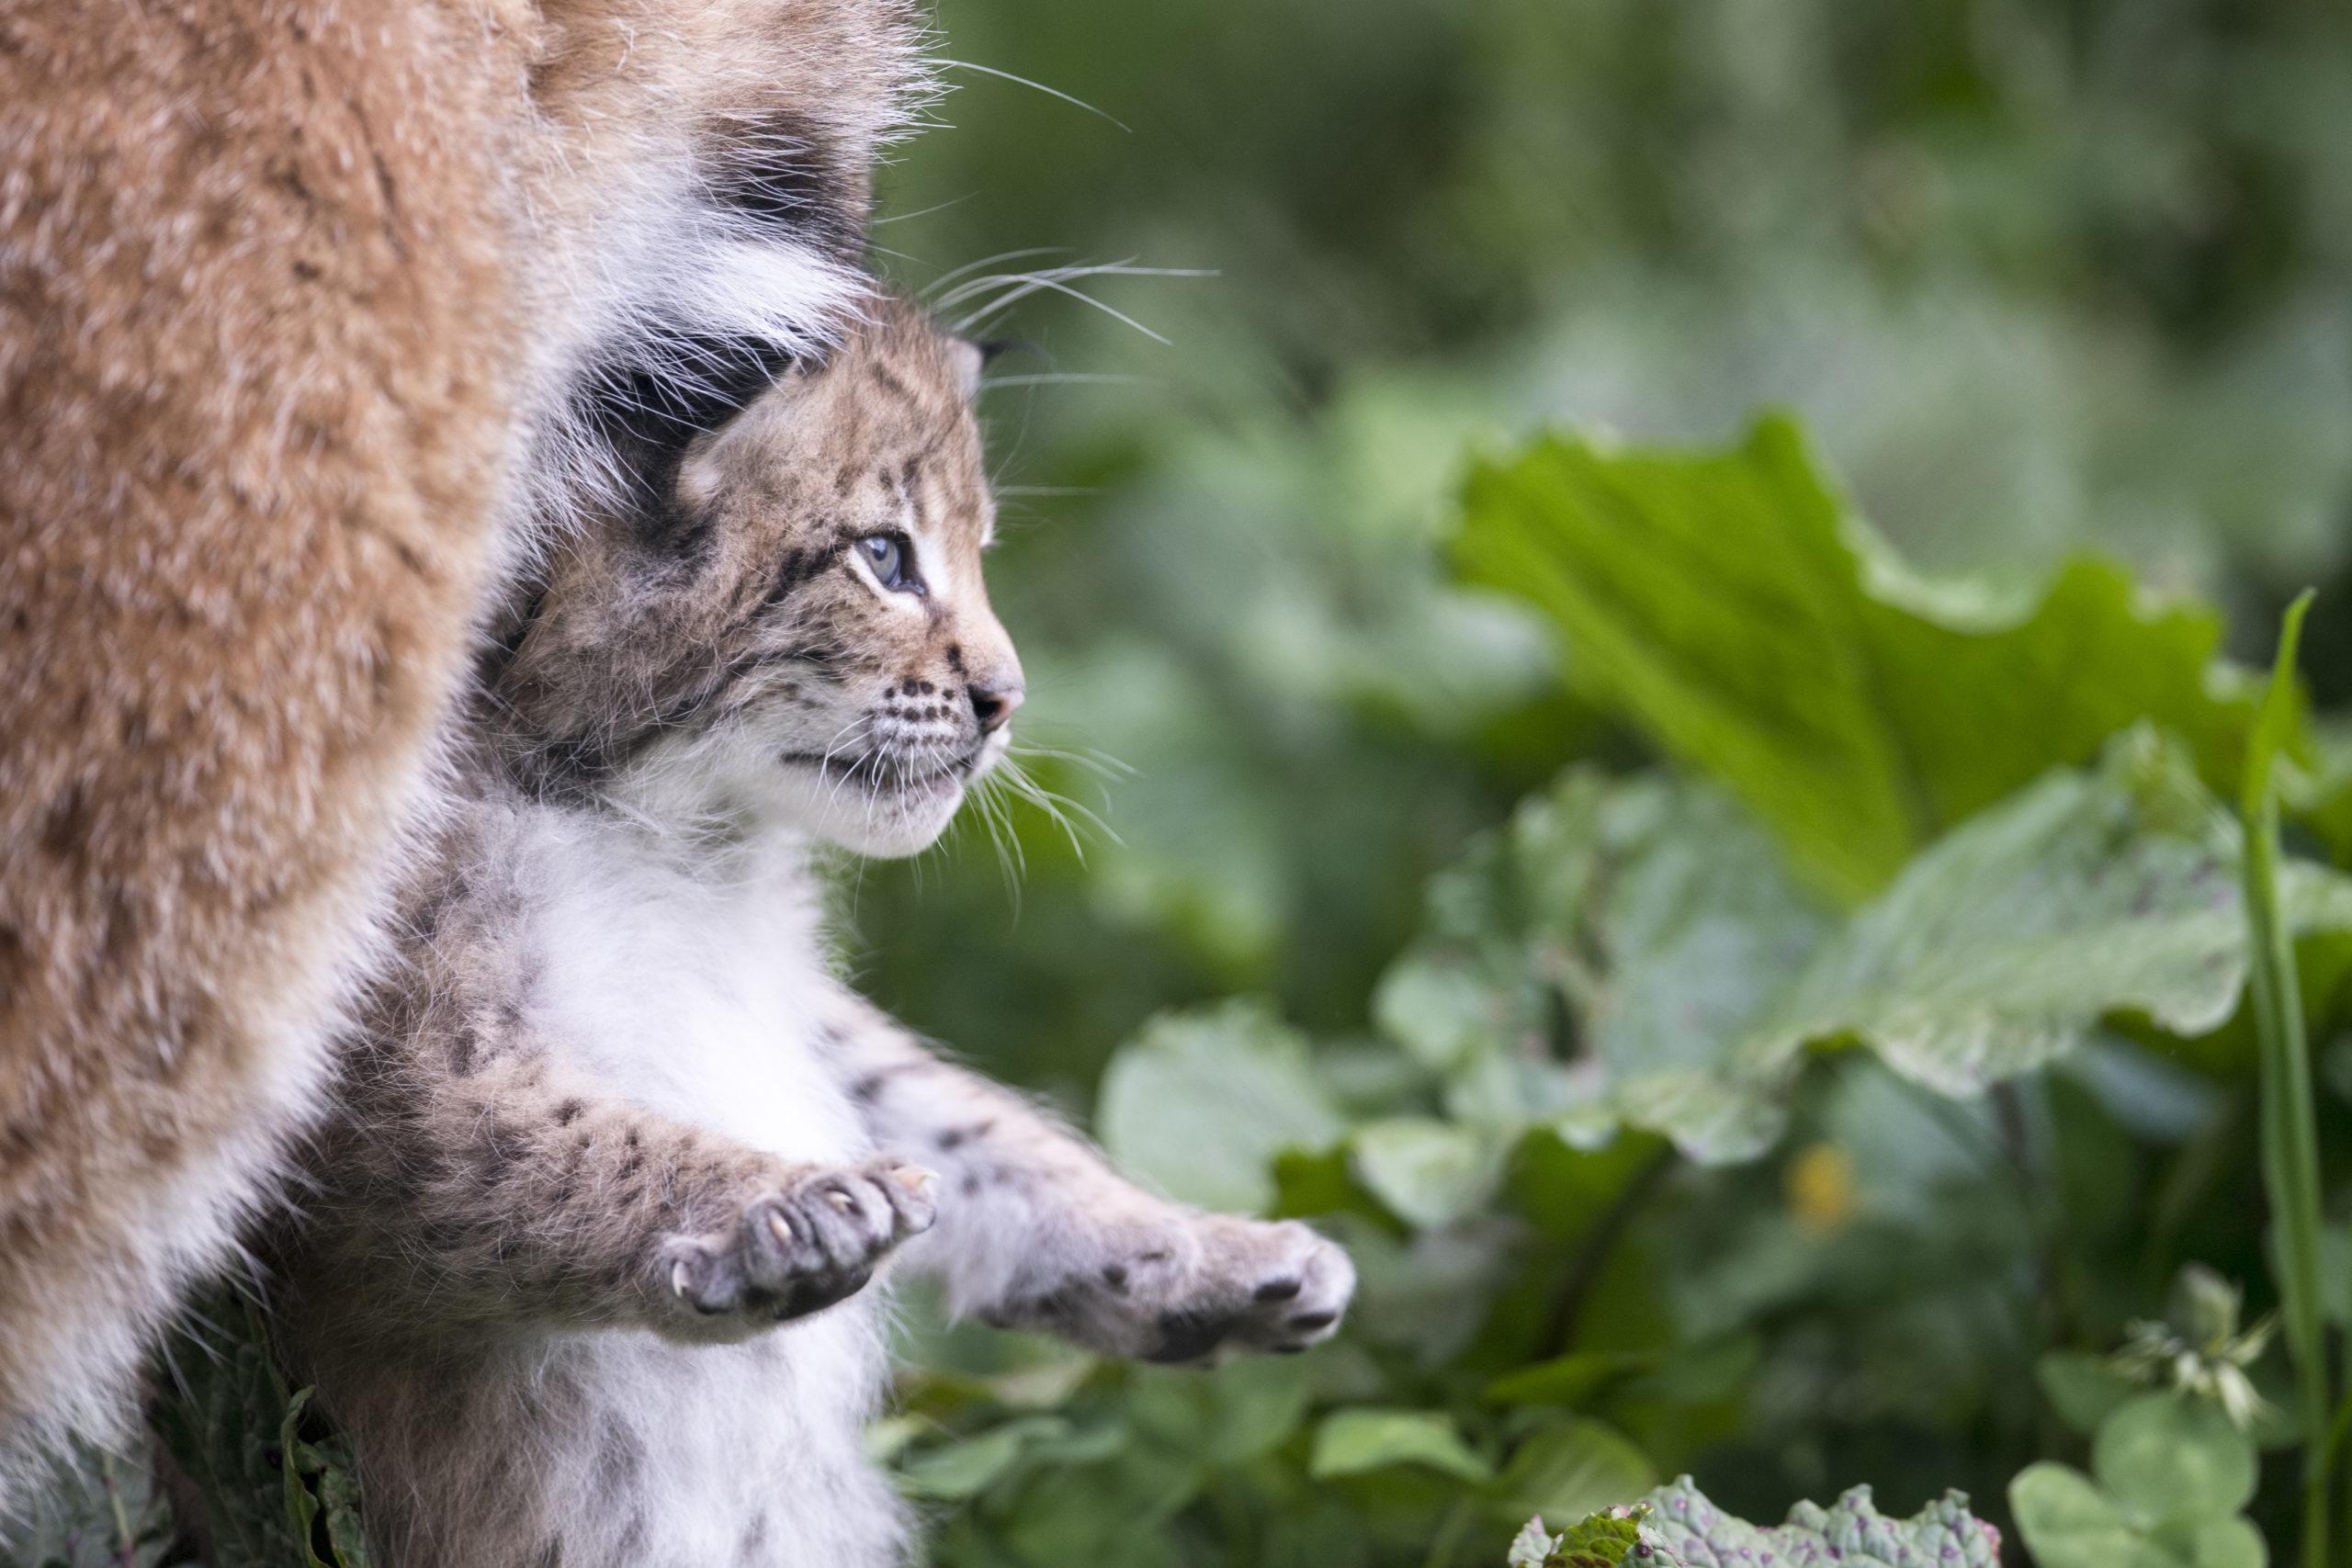 c Daniel Schwab - Naturfotografie Mama Poldi hat das Luchsbaby fest im Griff.